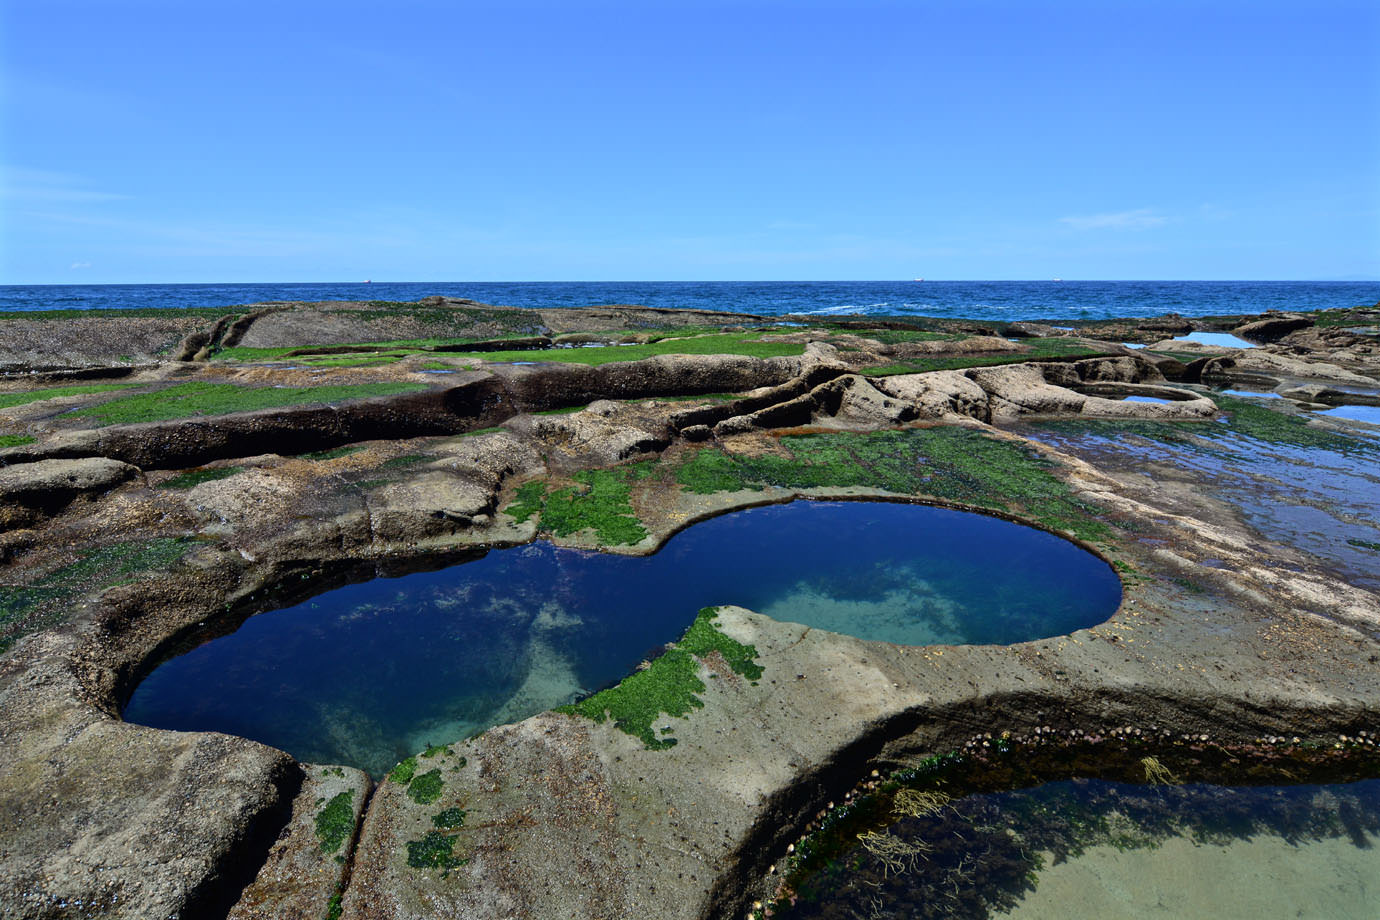 figure 8 pools3 - Hướng dẫn chi tiết để đến hồ bơi số 8 ở Sydney